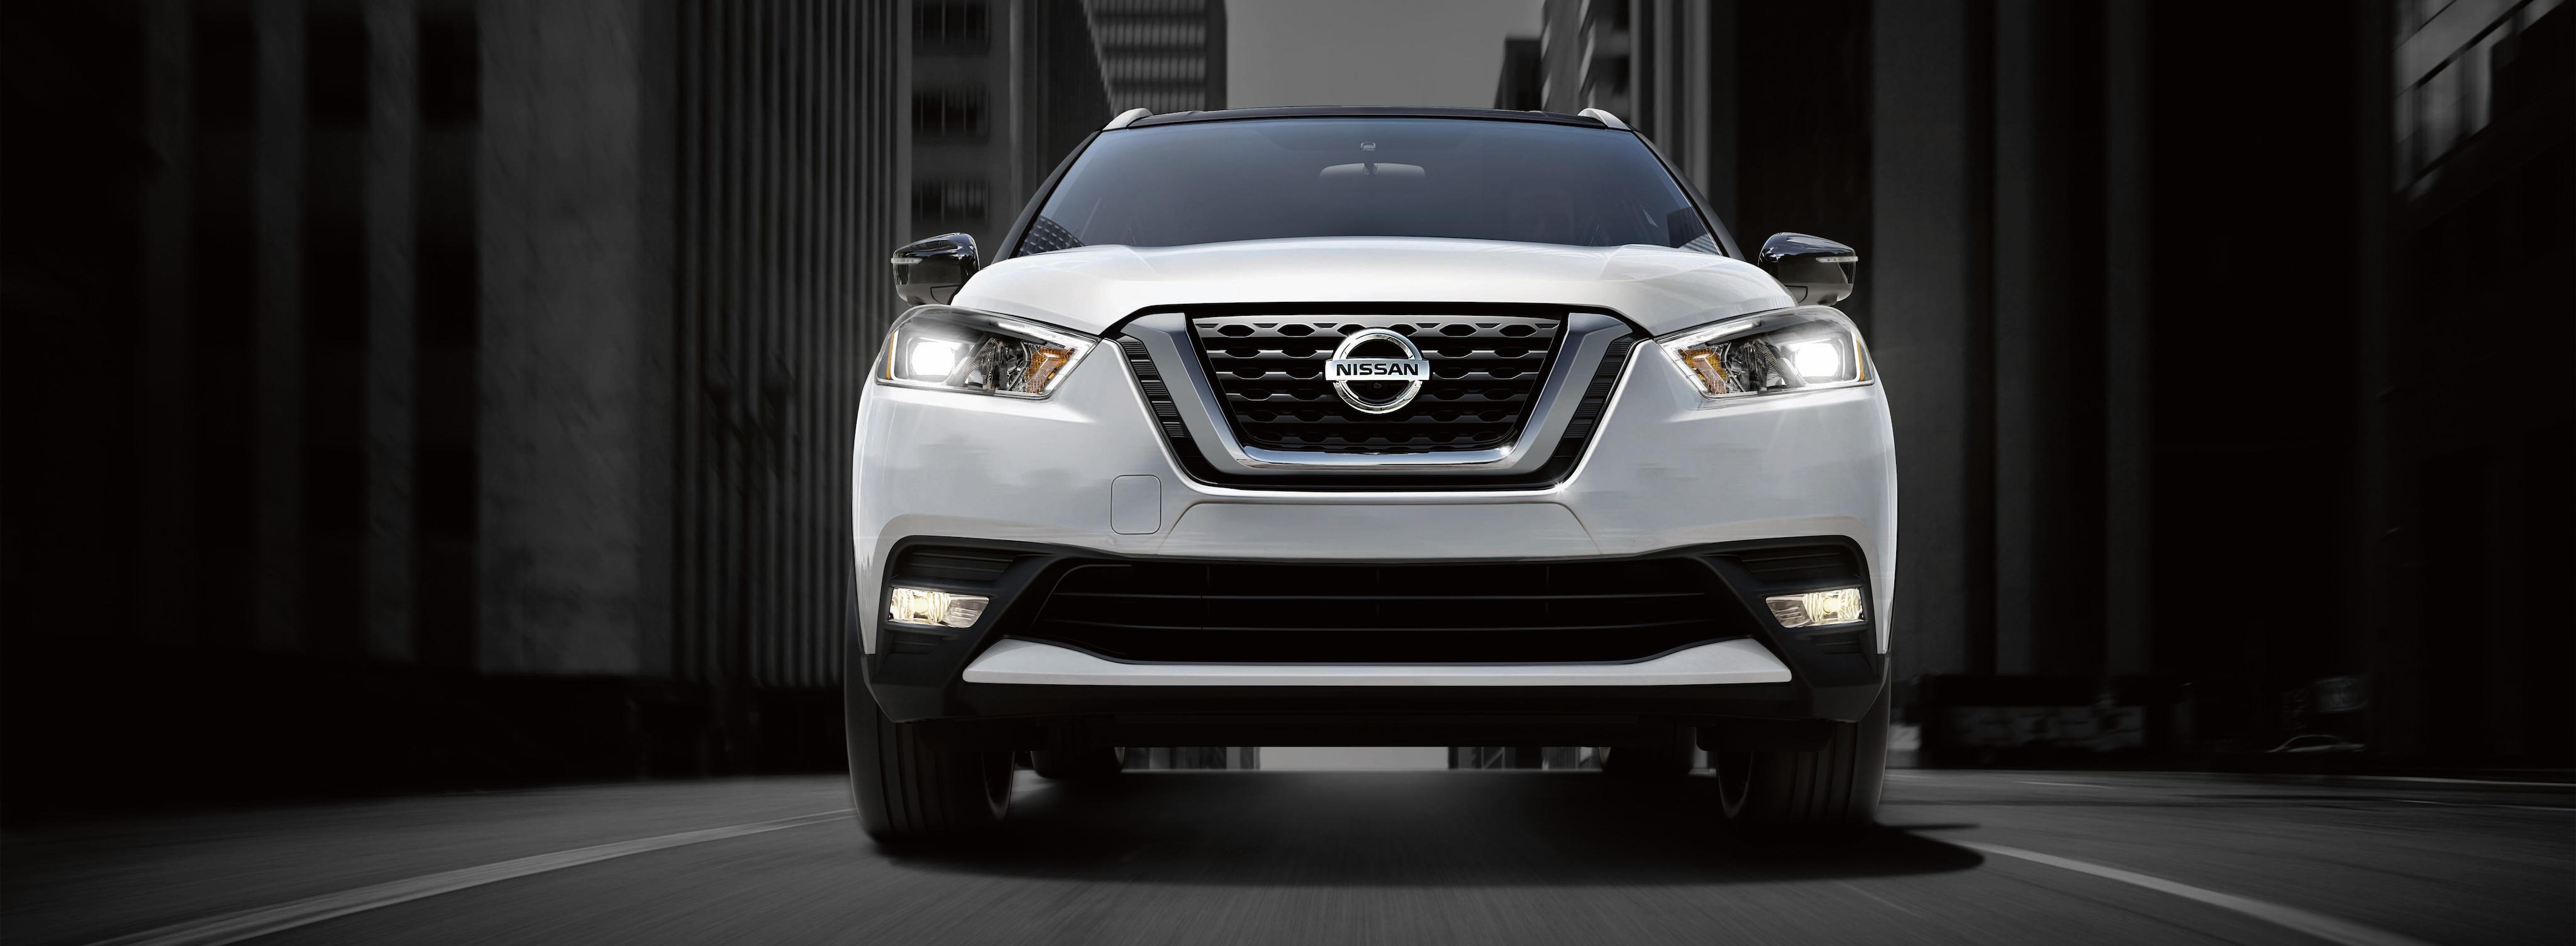 Flow Nissan Of Fayetteville | New Nissan Dealership in